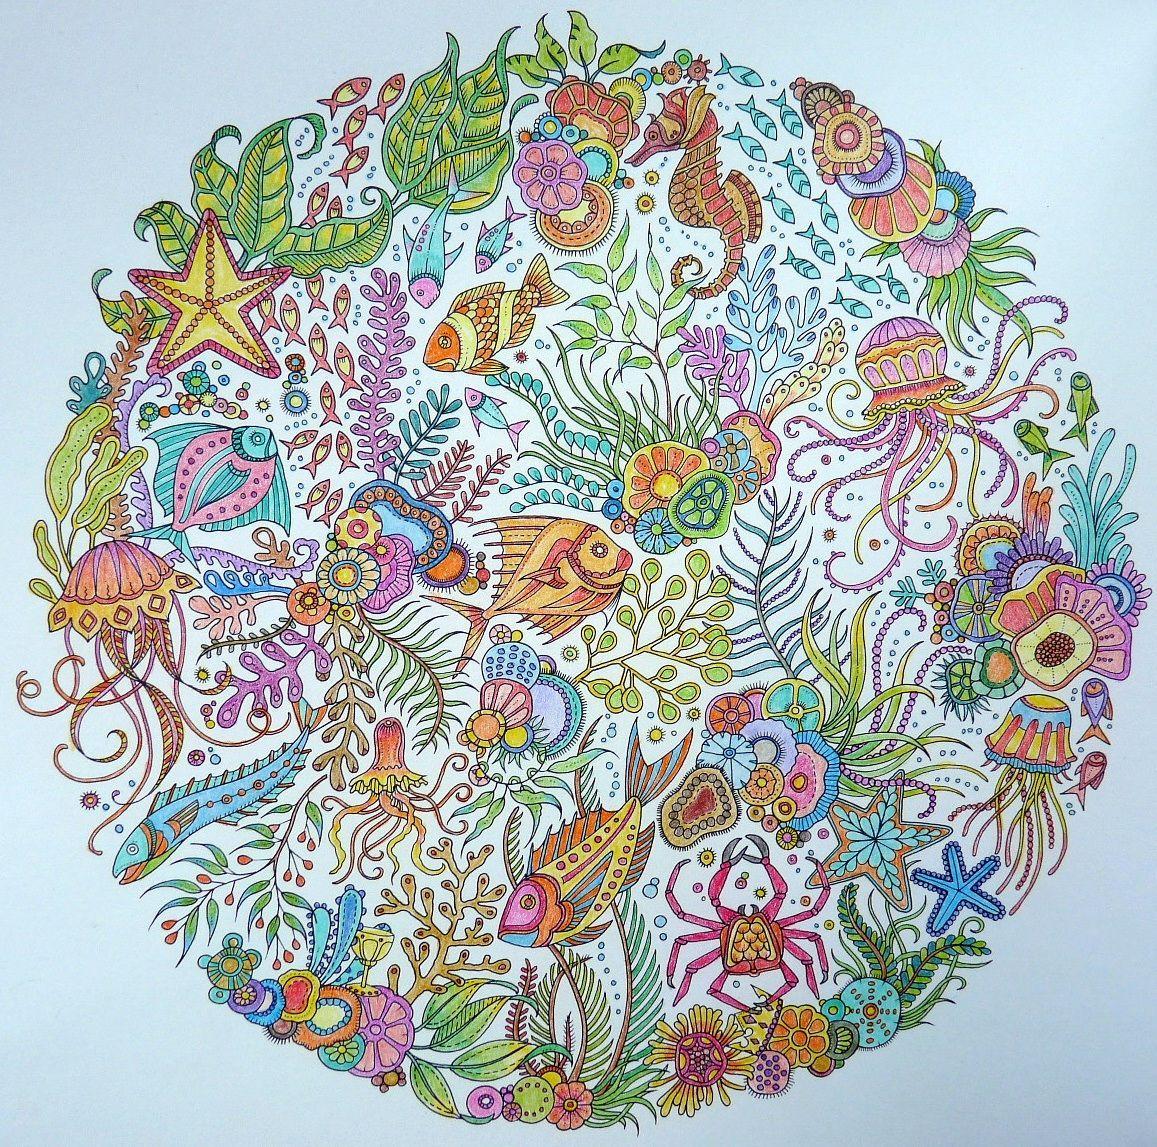 Lost Ocean Page 1 Gekleurd Door Marianne In Het Boek De Verborgen Oceaan Kunst Inspiratie Oceaan Kunst